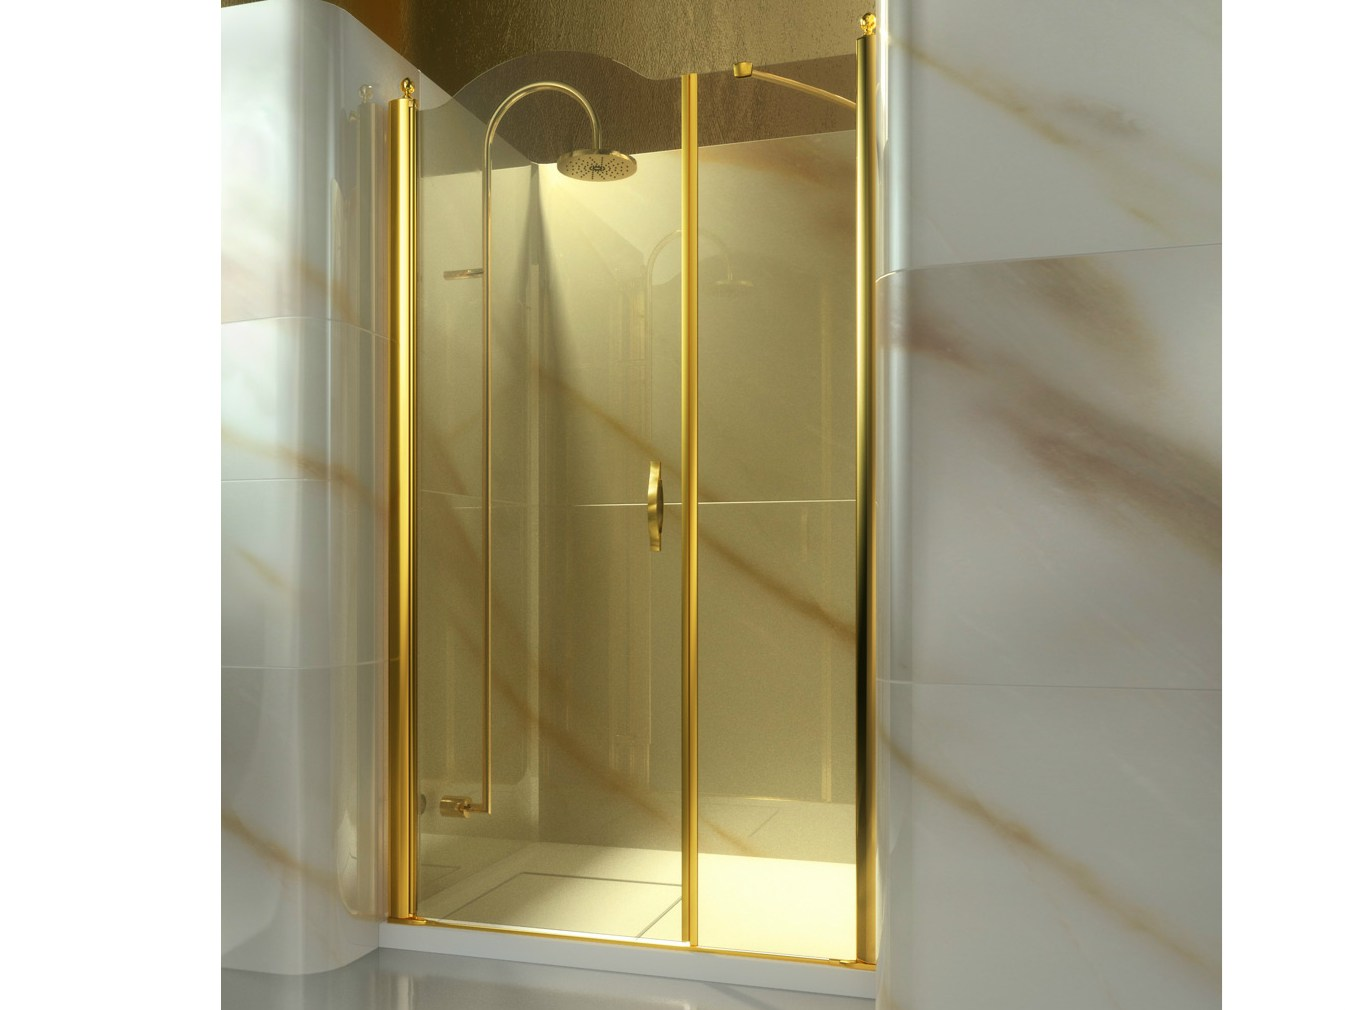 Box doccia a nicchia su misura in vetro temperato gold a2 - Doccia in nicchia ...